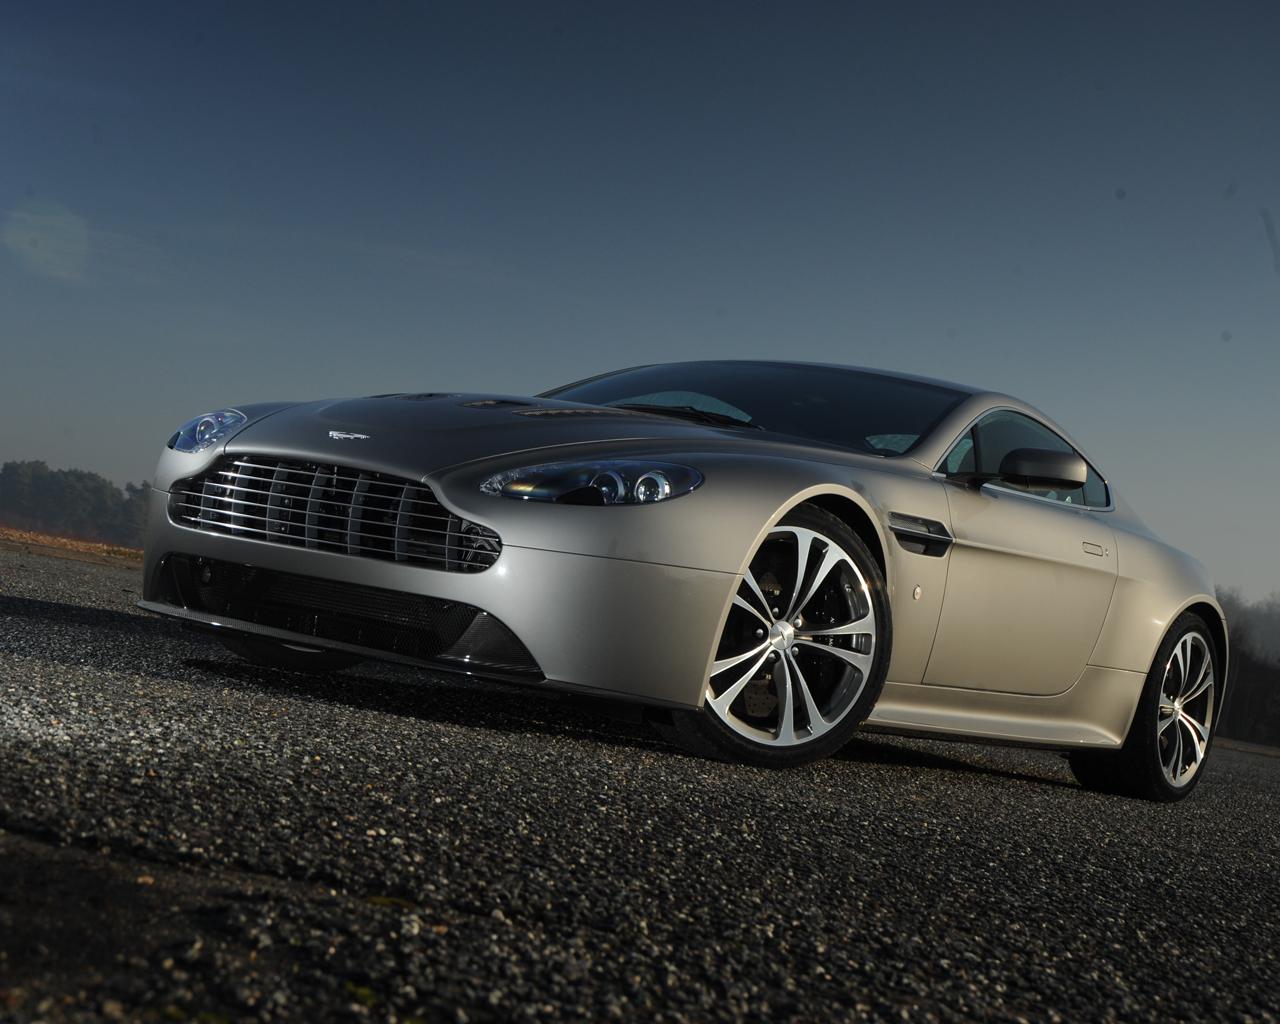 Aston_Martin_V12_Vantage_07.jpg